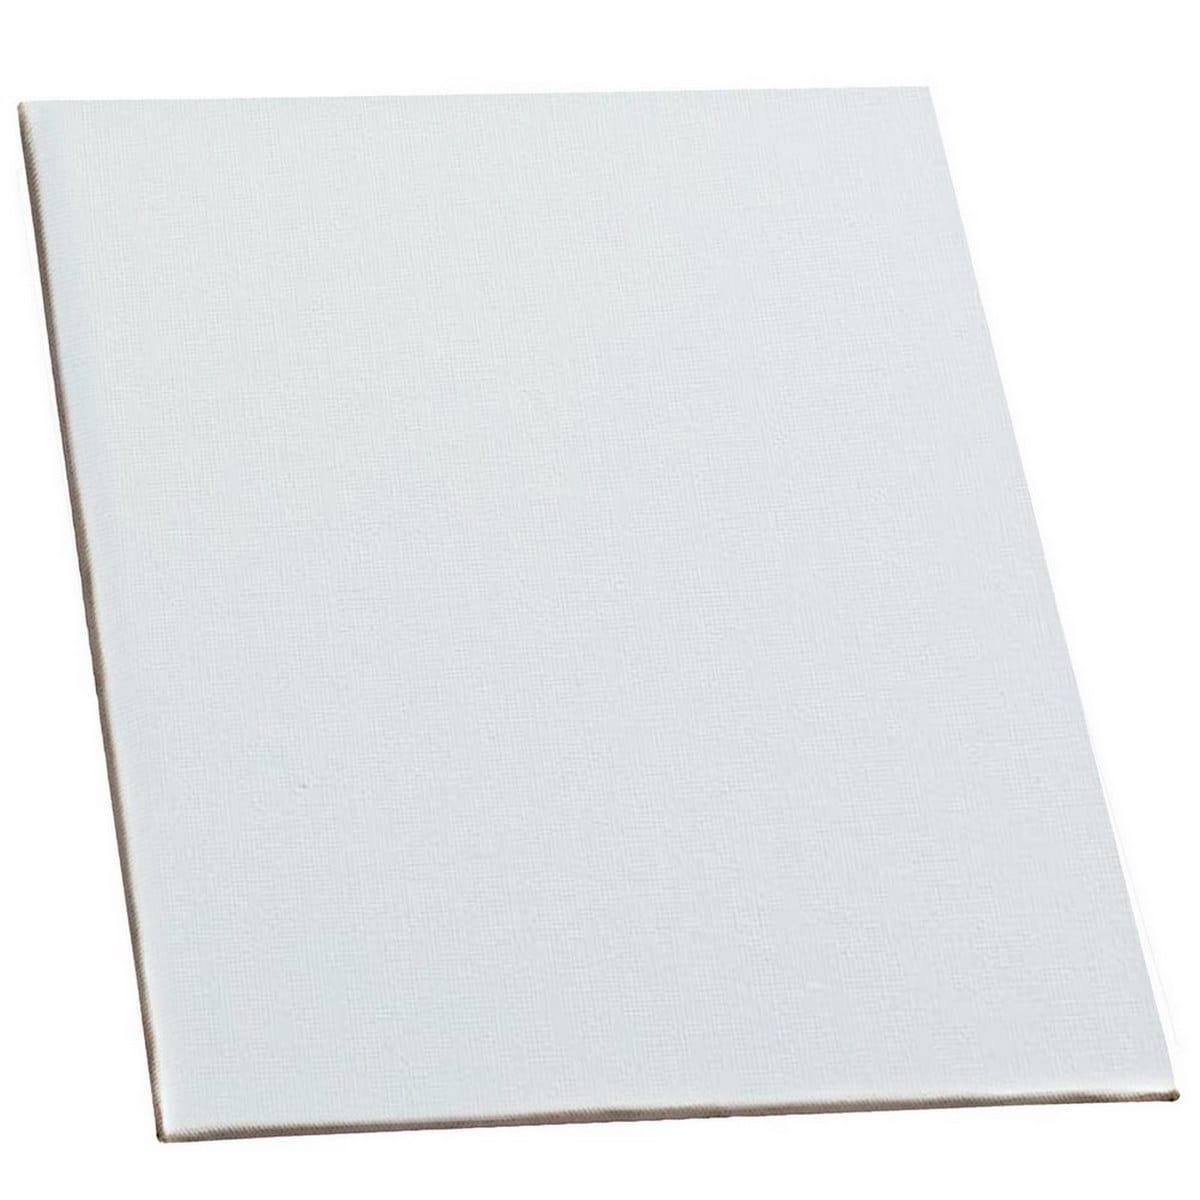 MDF White Canvas Board Size: 10.2 X 10.2 cm (4x4 Inches)